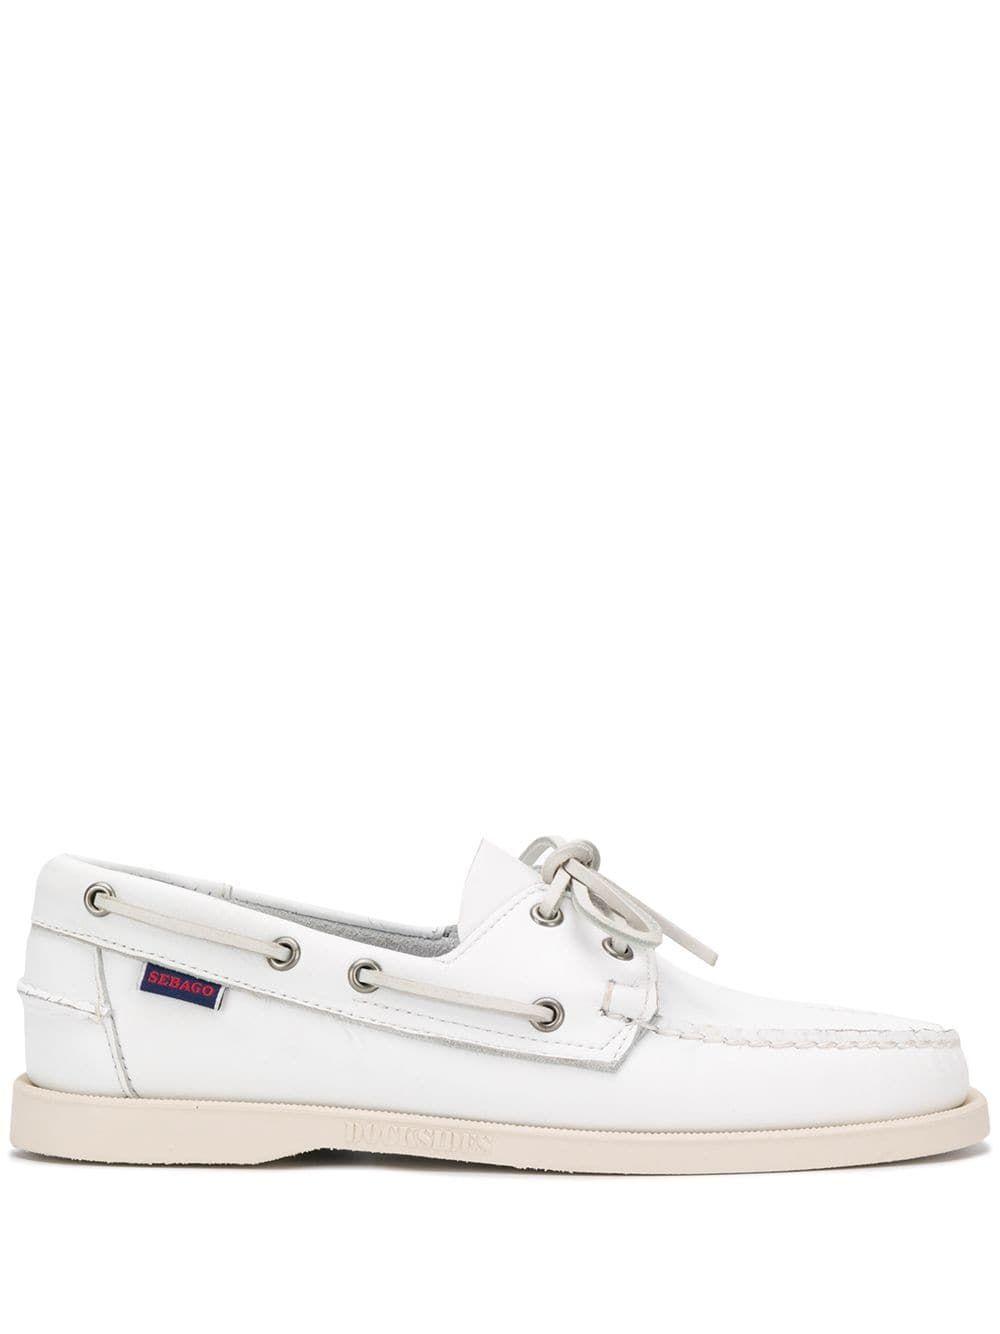 Sebago Boat Shoes In White   ModeSens